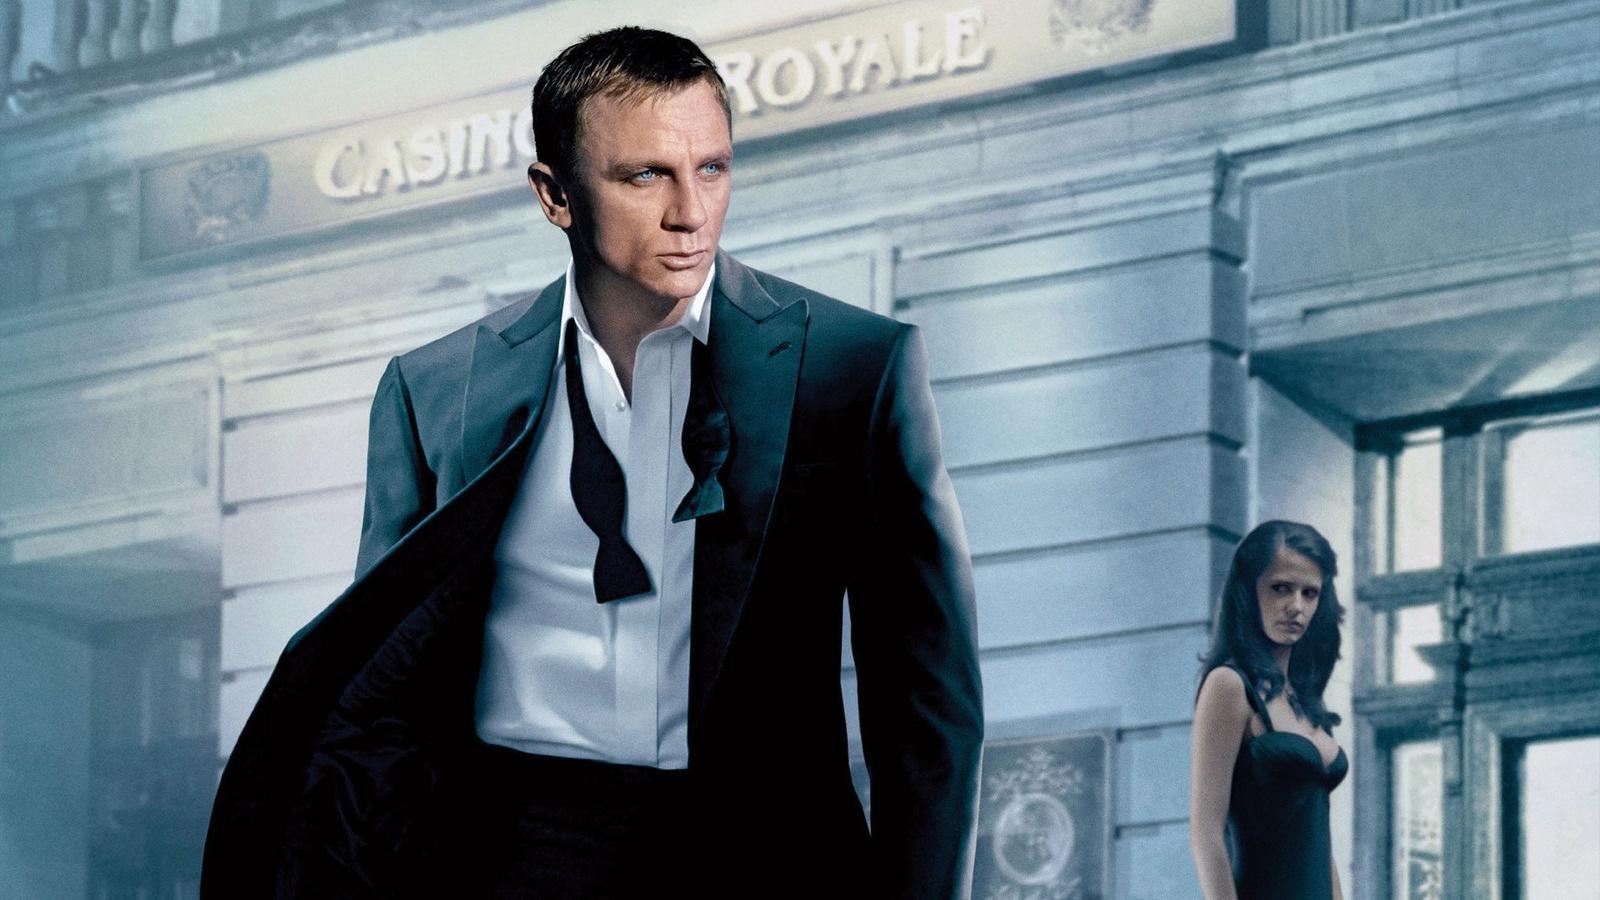 казино рояль актеры 2006